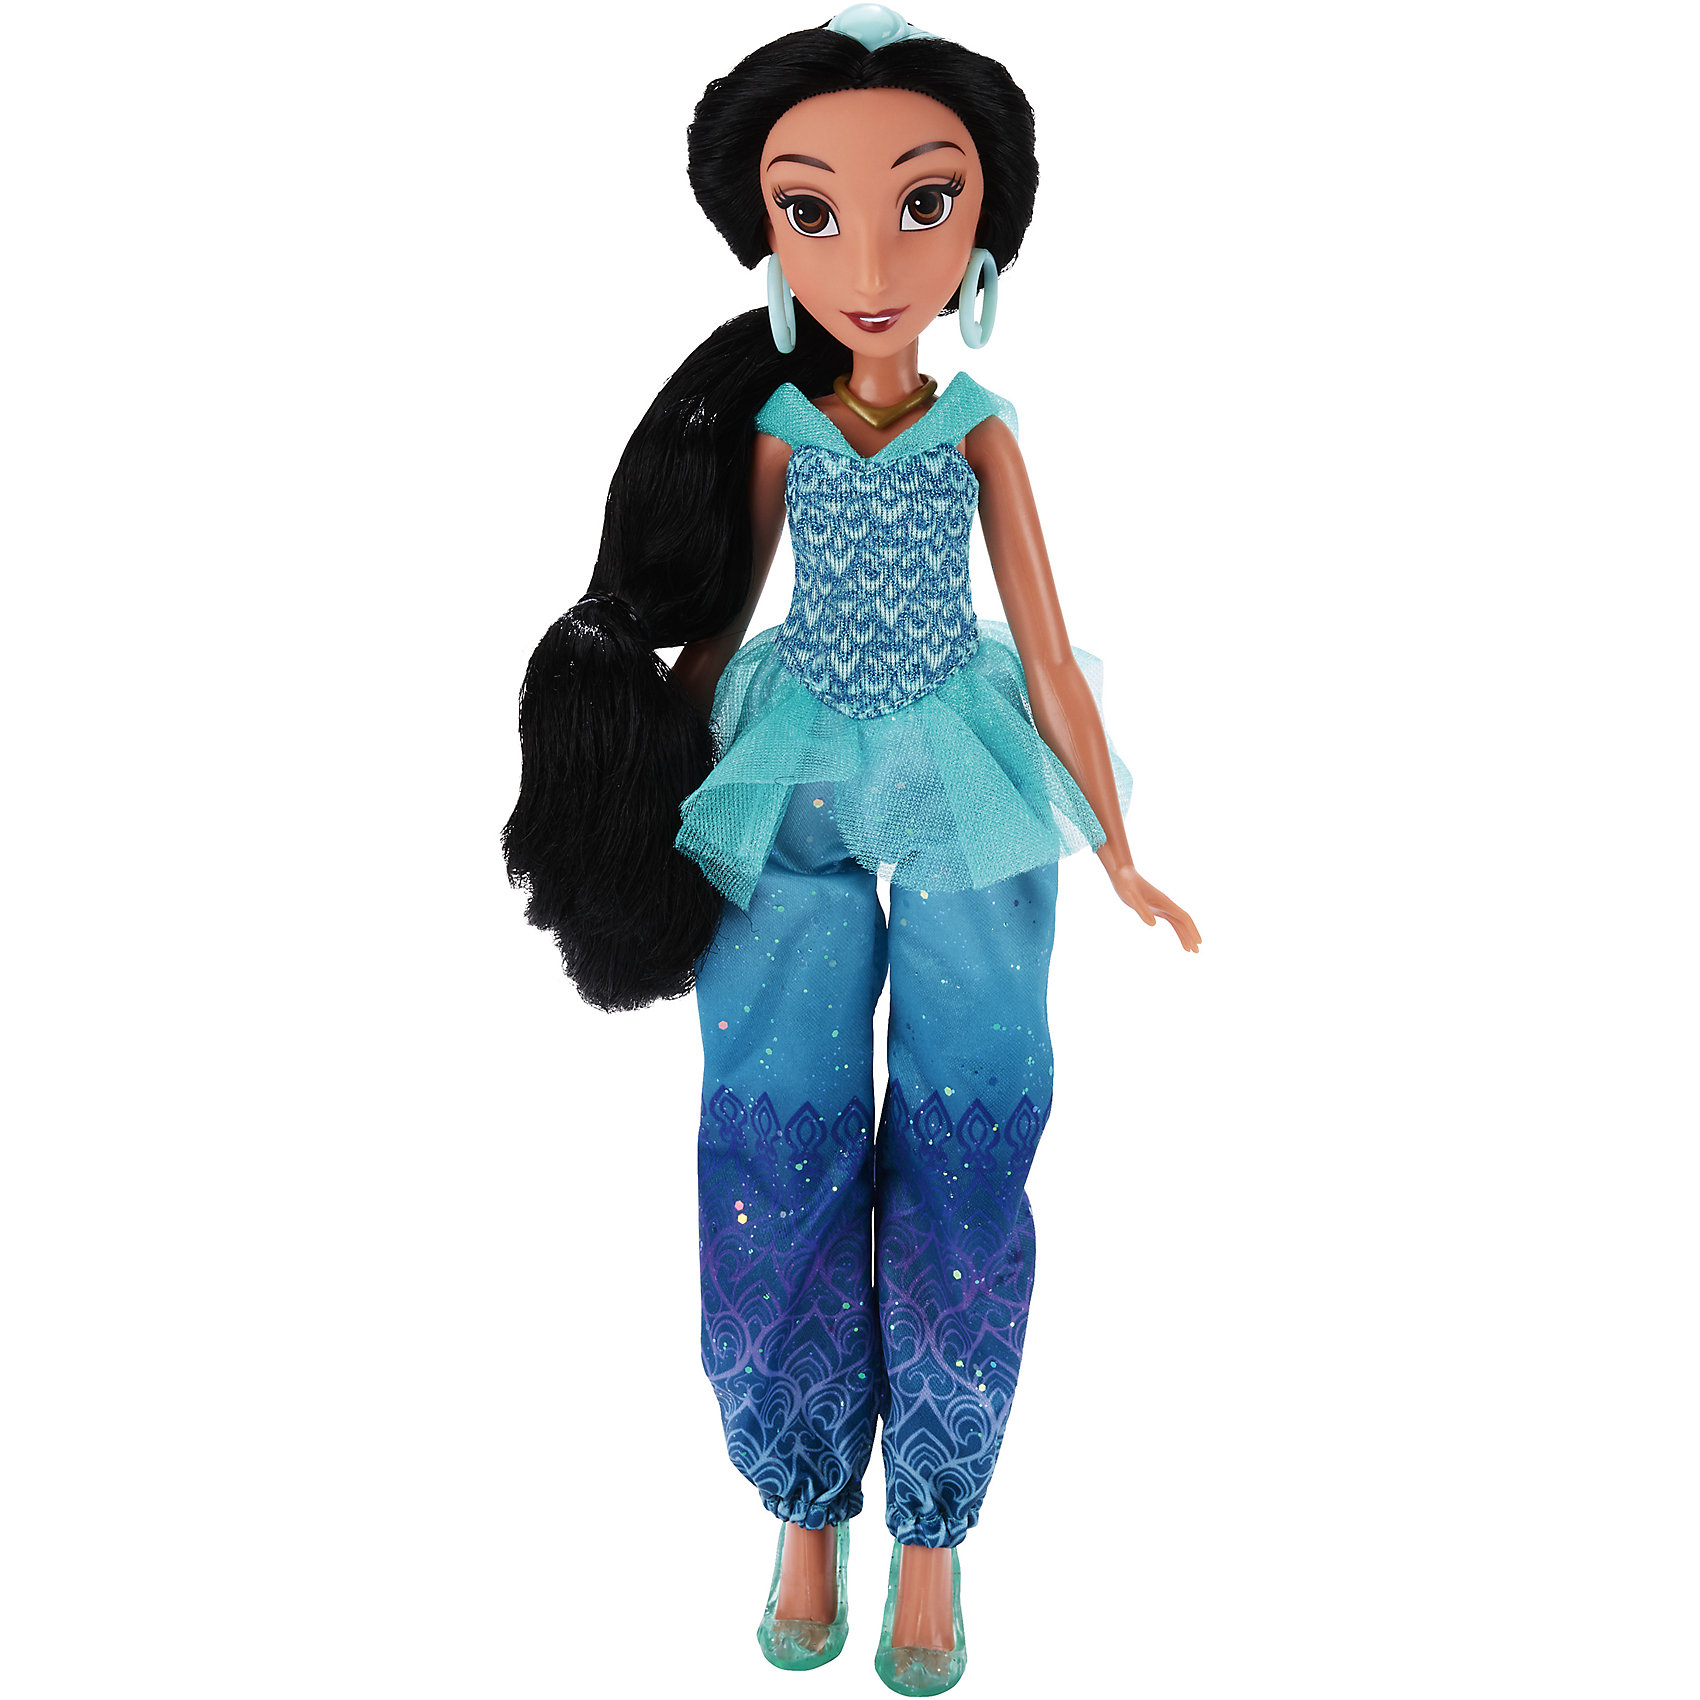 Кукла Принцесса Жасмин, Принцессы Дисней, B6447/B5826Игрушки<br>Кукла Принцесса, Принцессы Дисней, B6447/B5826.<br><br>Характеристики:<br><br>- Материал: пластмасса, текстиль.<br>- Высота куклы: 28 см.<br>- Размер упаковки: 15х5х36 см.<br><br>Симпатичная кукла представлена в образе прекрасной принцессы Disney Жасмин из мультипликационного сериала Алладин. Она одета в стильный наряд, состоящий из объемных брюк и легкой кофточки с шифоновыми вставками. Восточная красавица очень любит украшения. Ее шею украшает золотистое колье, а в ушах — яркие сережки-кольца. На ногах куколки легкие балетки, которые делают образ невероятно нежным. Естественный макияж куклы подчеркивает ее природную красоту. Невероятно красивые темные волосы принцессы можно расчесывать и заплетать. Подвижные ручки, ножки и голова позволяют Жасмин принимать множество реалистичных поз. Очаровательная детализированная кукла приведет в восторг вашу малышку и отлично дополнит ее коллекцию диснеевских принцесс.<br><br>Куклу Принцесса, Принцессы Дисней, B6447/B5826 можно купить в нашем интернет-магазине.<br><br>Ширина мм: 51<br>Глубина мм: 152<br>Высота мм: 860<br>Вес г: 144<br>Возраст от месяцев: 36<br>Возраст до месяцев: 144<br>Пол: Женский<br>Возраст: Детский<br>SKU: 5064739